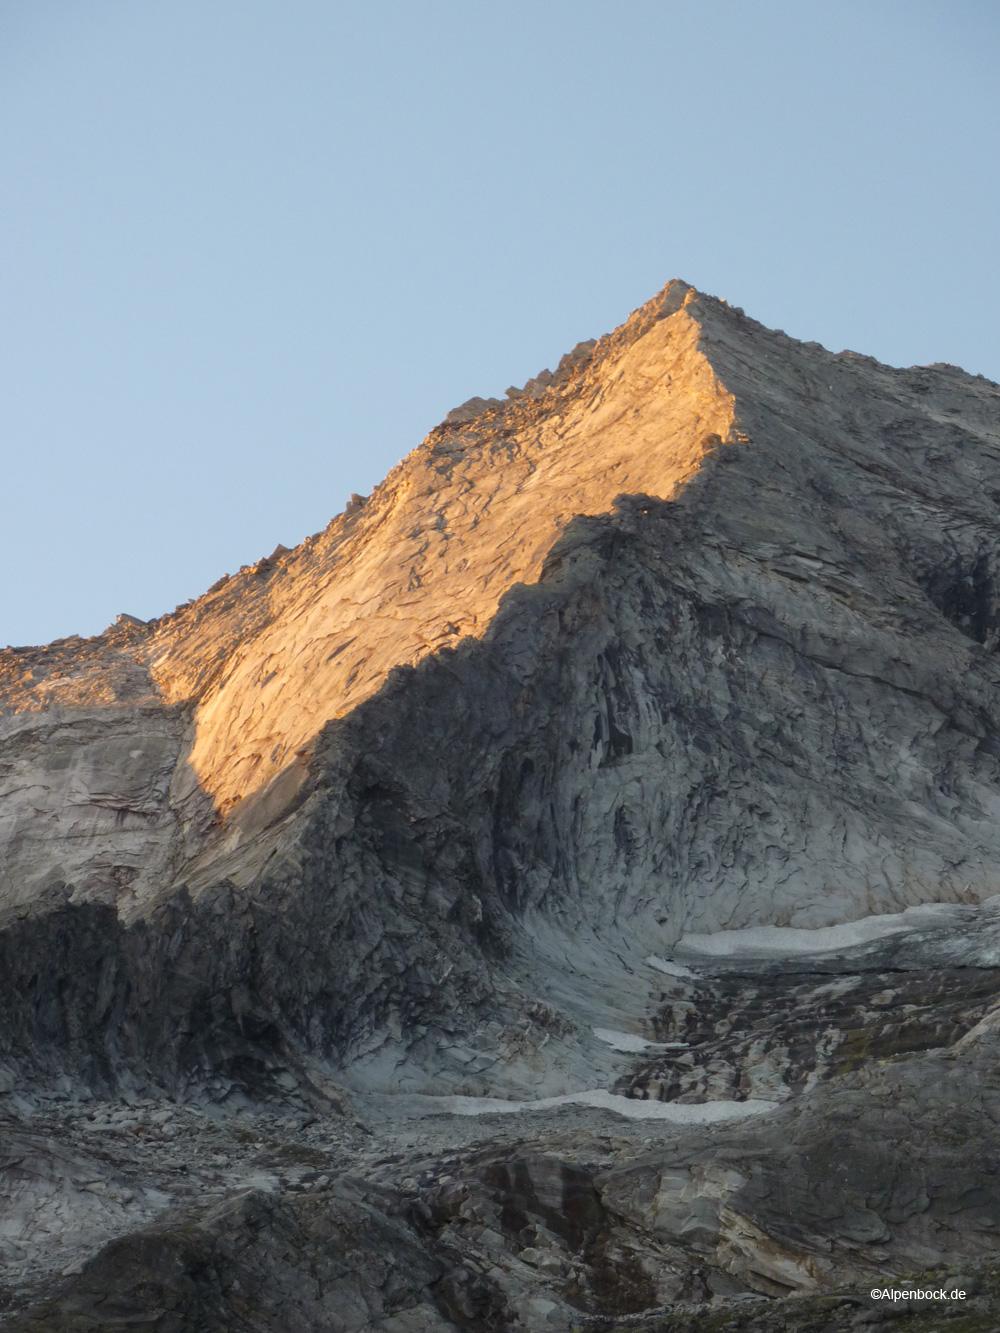 grundschartner alpenbock